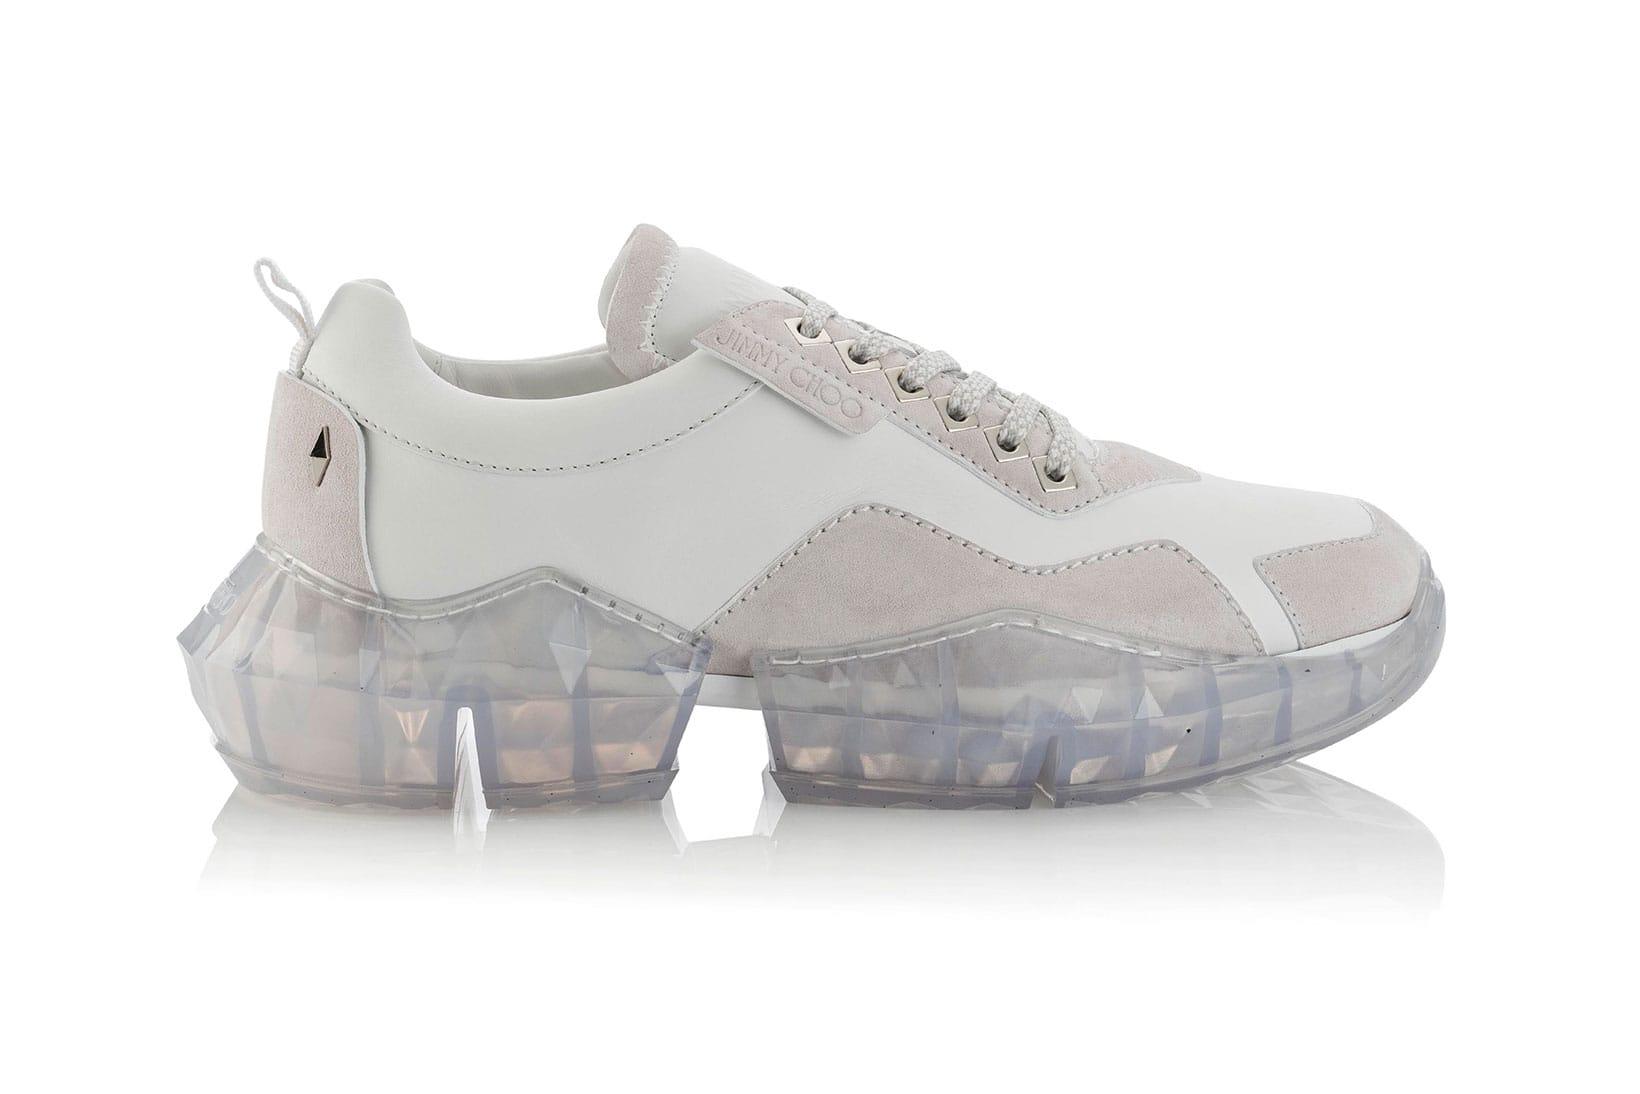 Jimmy Choo Sneakers Menswear Fall